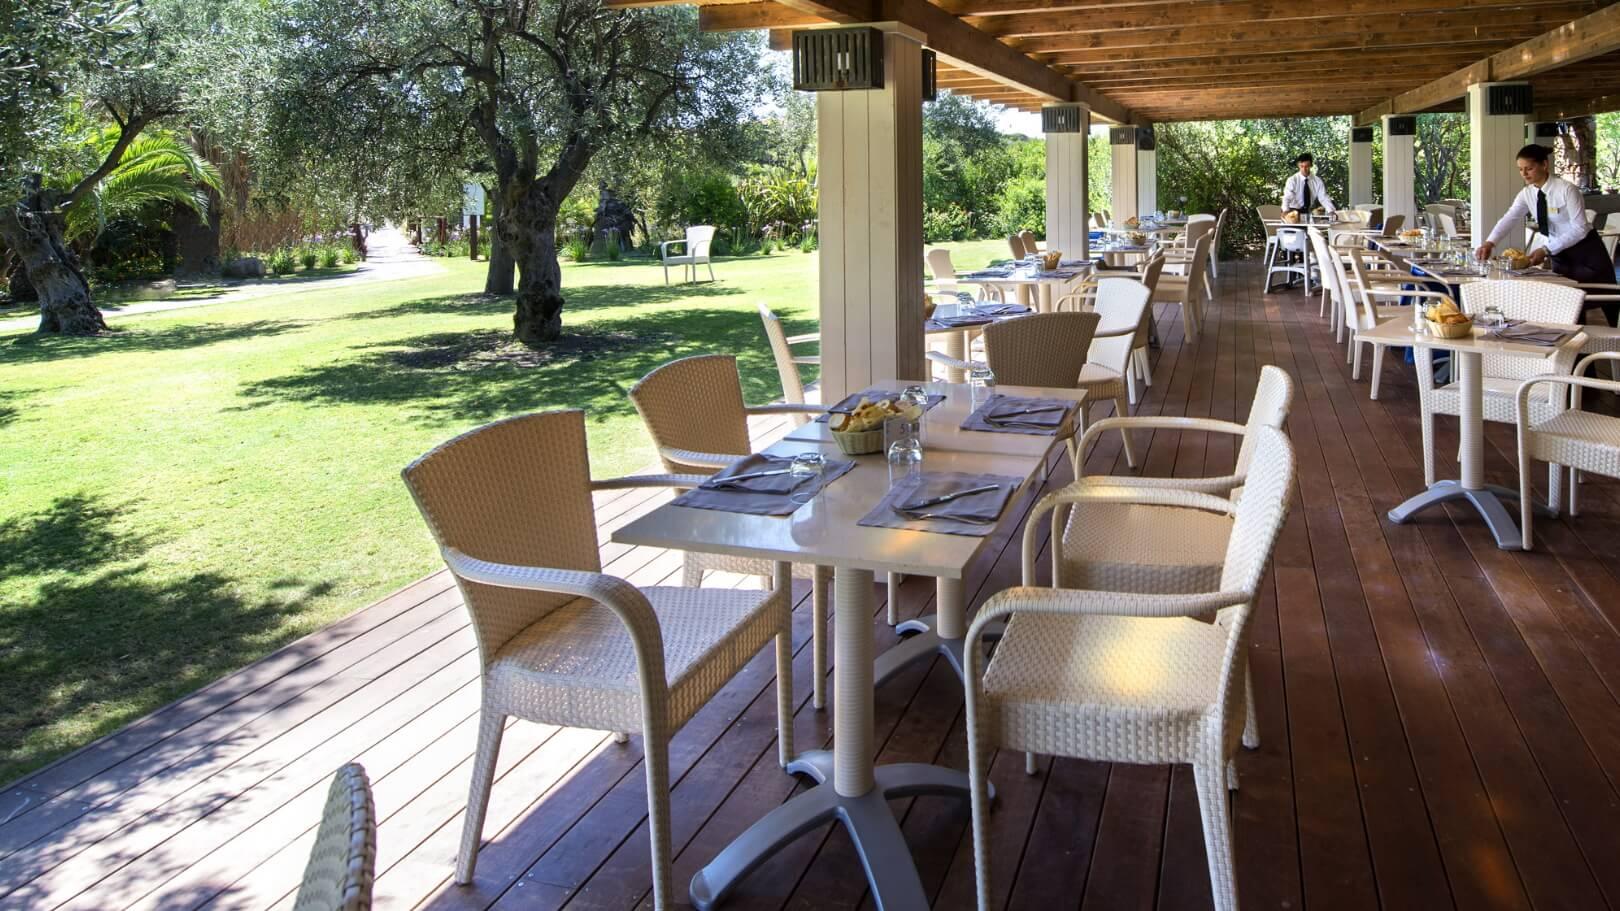 https://www.chialagunaresort.com/wp-content/uploads/2021/04/IHC_Chia-Laguna-Resort_grid_CL4U_breakfast-dune.jpg